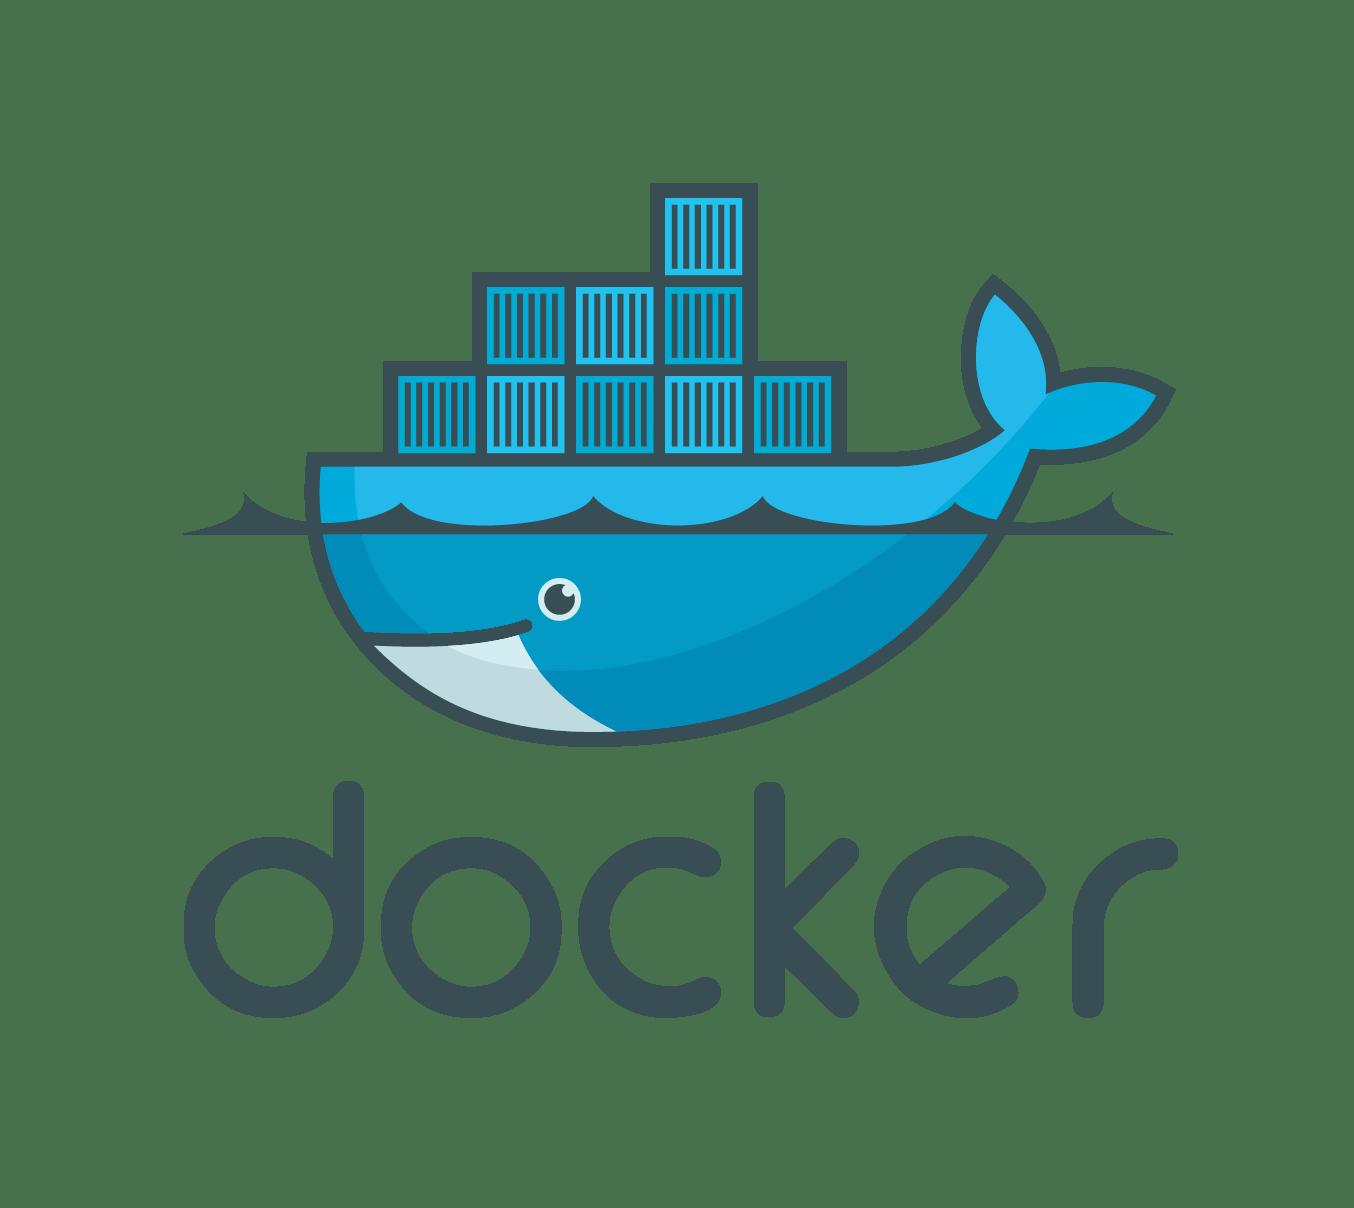 使用 Docker 和 Elasticsearch 构建一个全文搜索应用程序